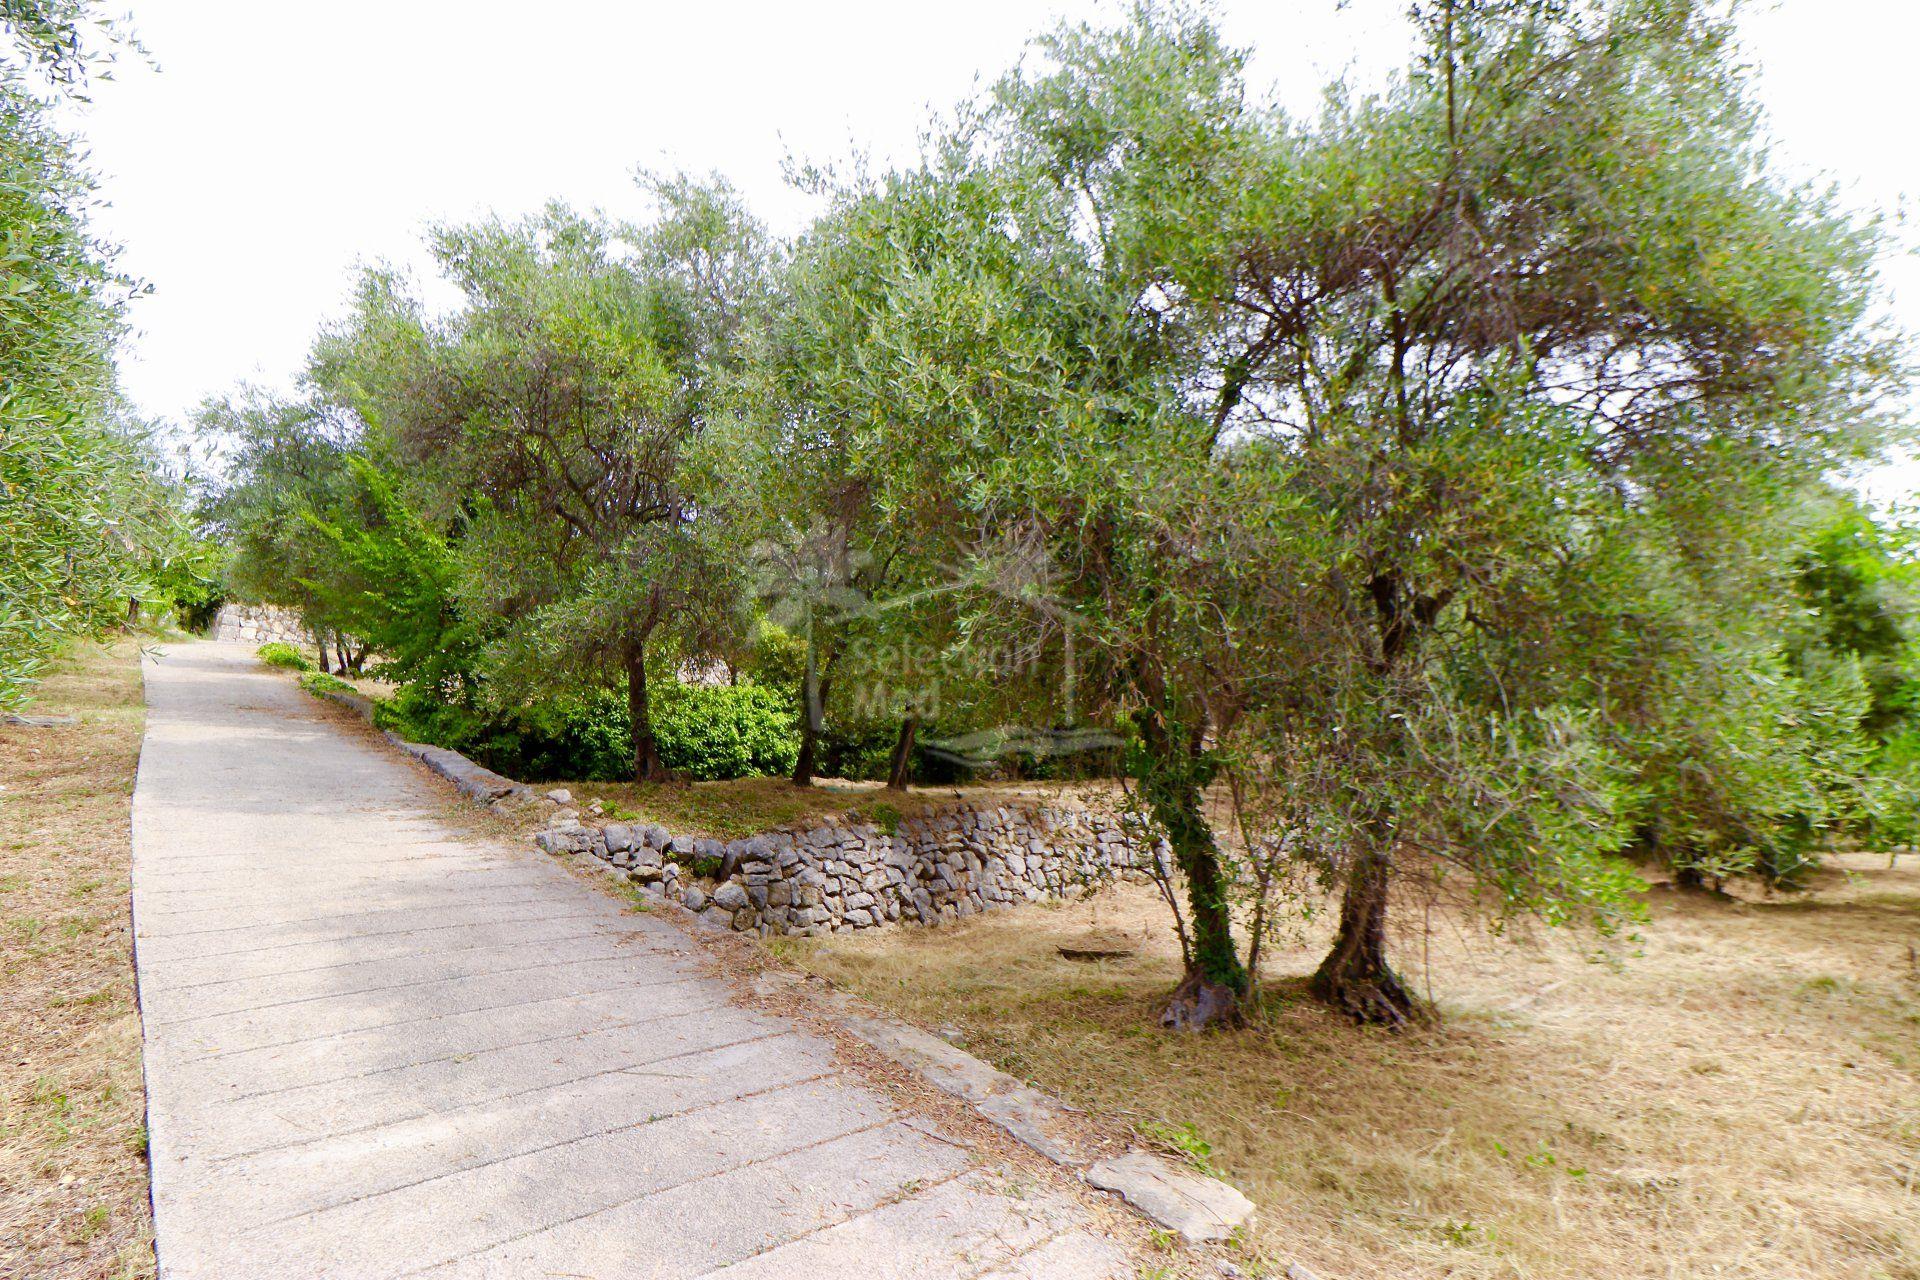 Plot in Grasse